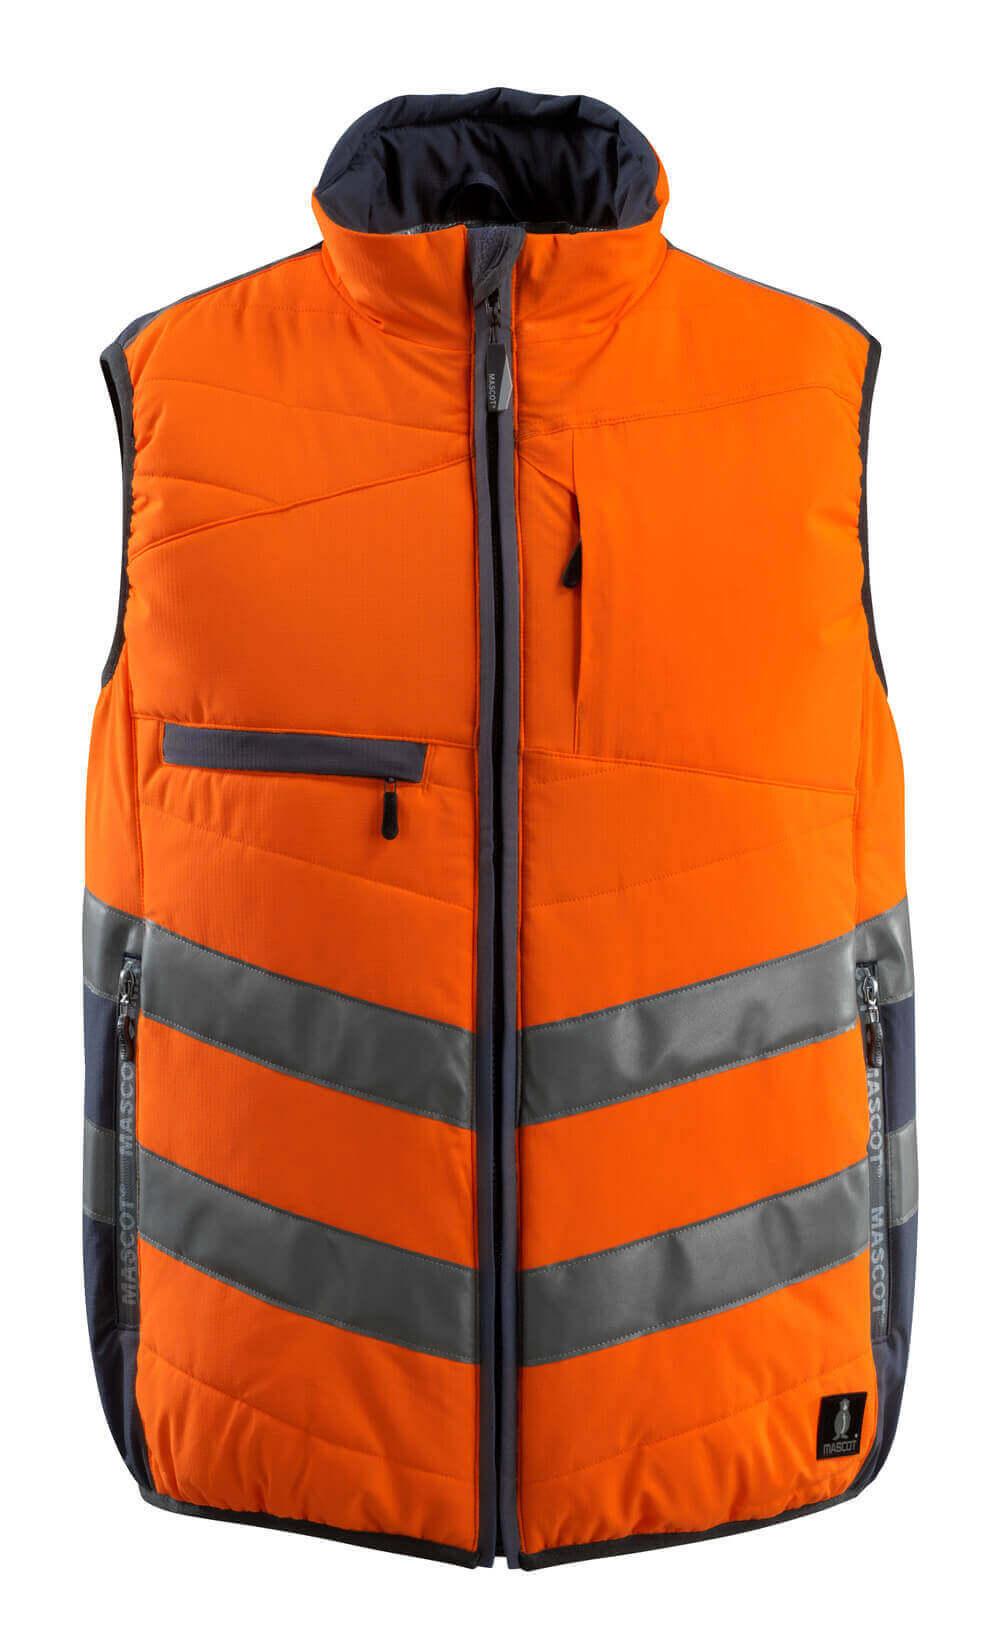 15565-249-14010 Gilet antifreddo - arancio hi-vis/blu navy scuro